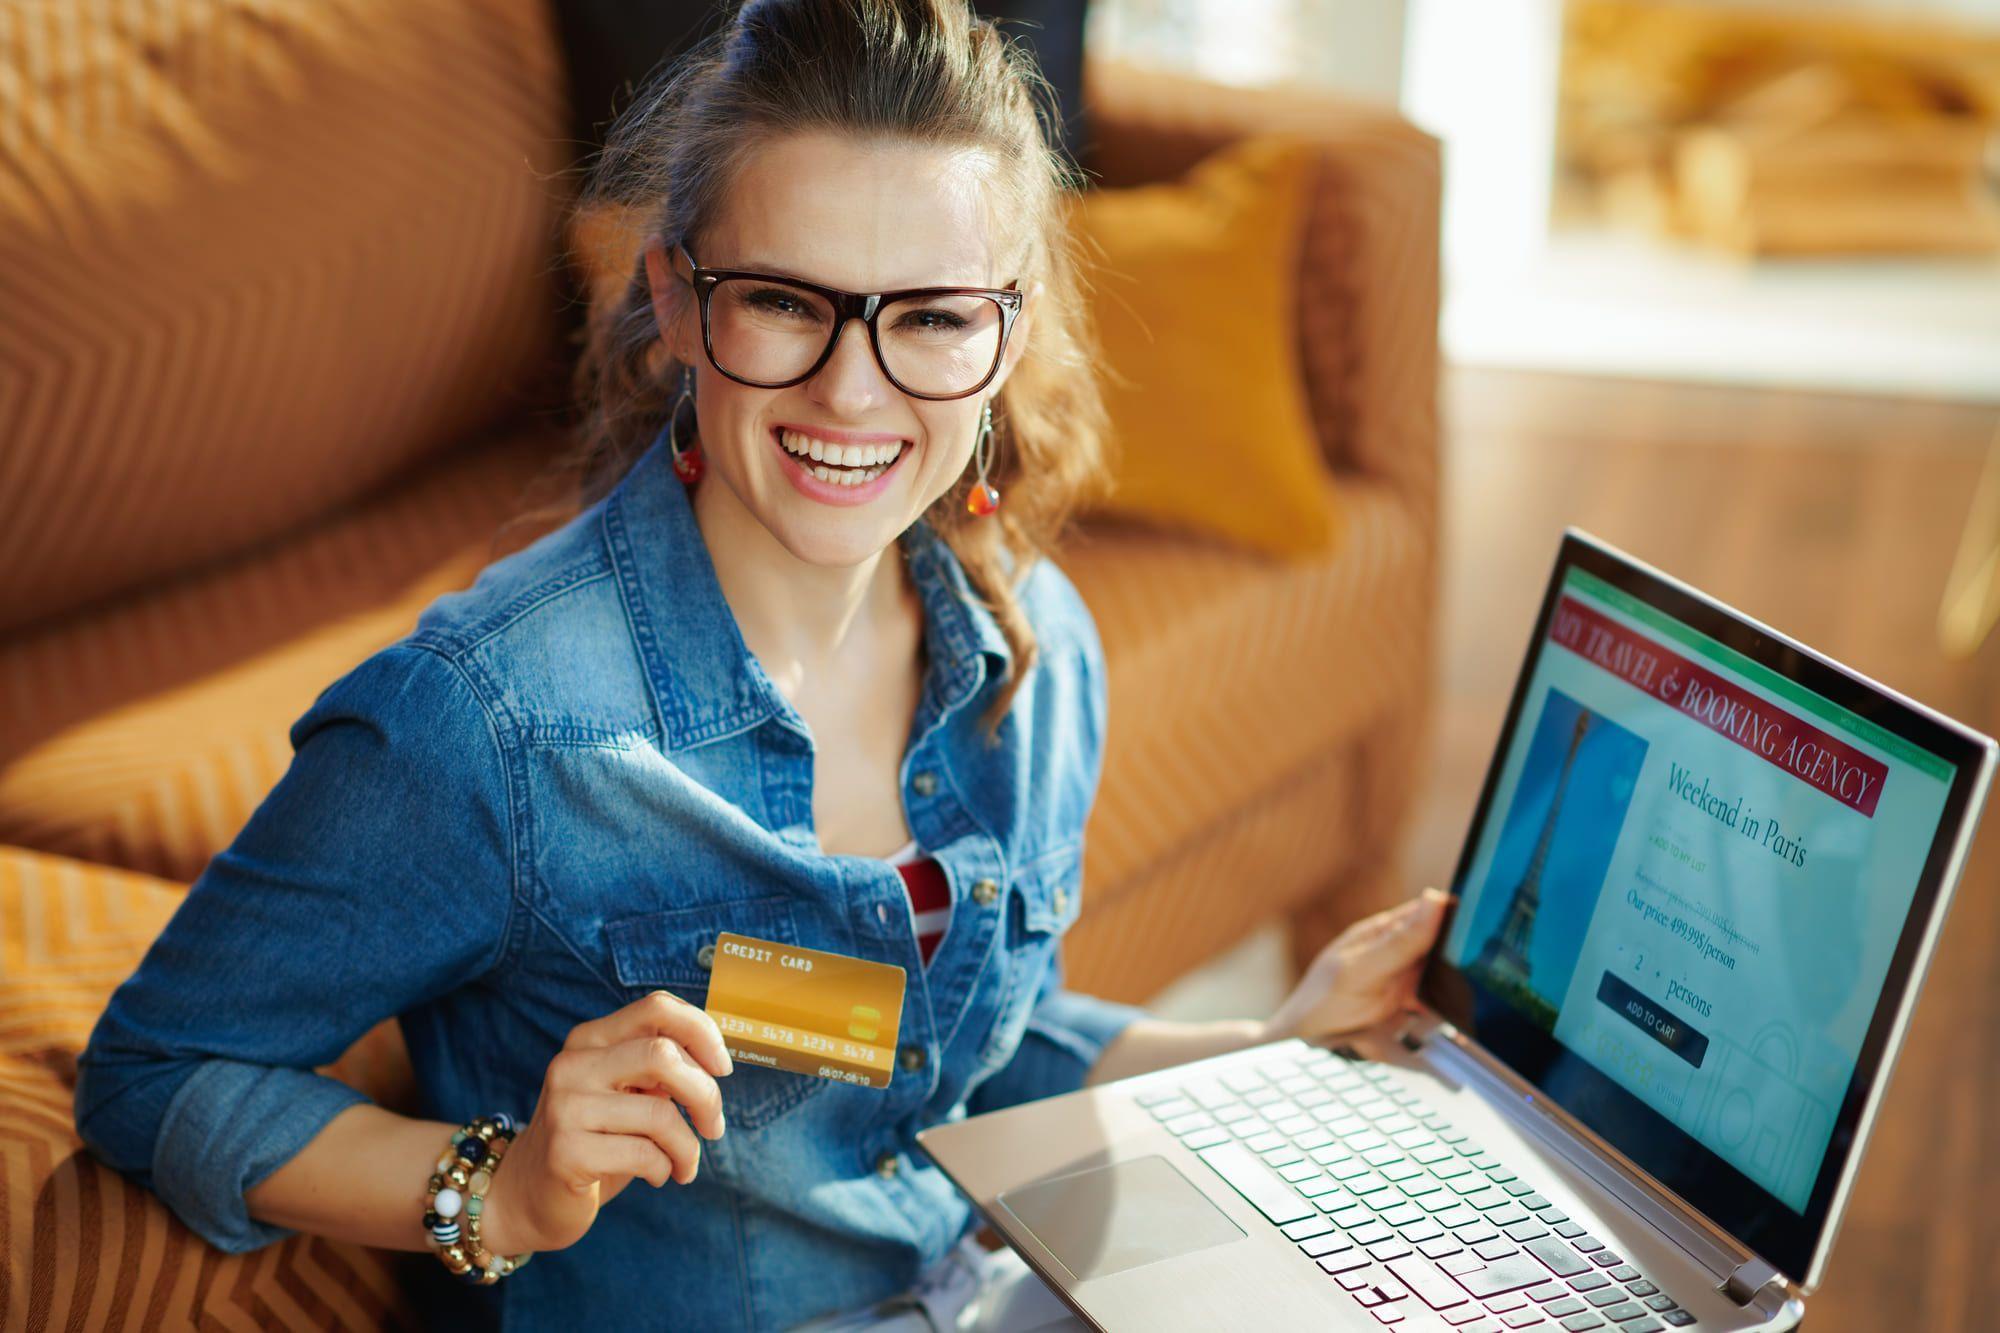 法人カードとは事業費決済のためのクレジットカード! 個人カードとの違いを徹底解説